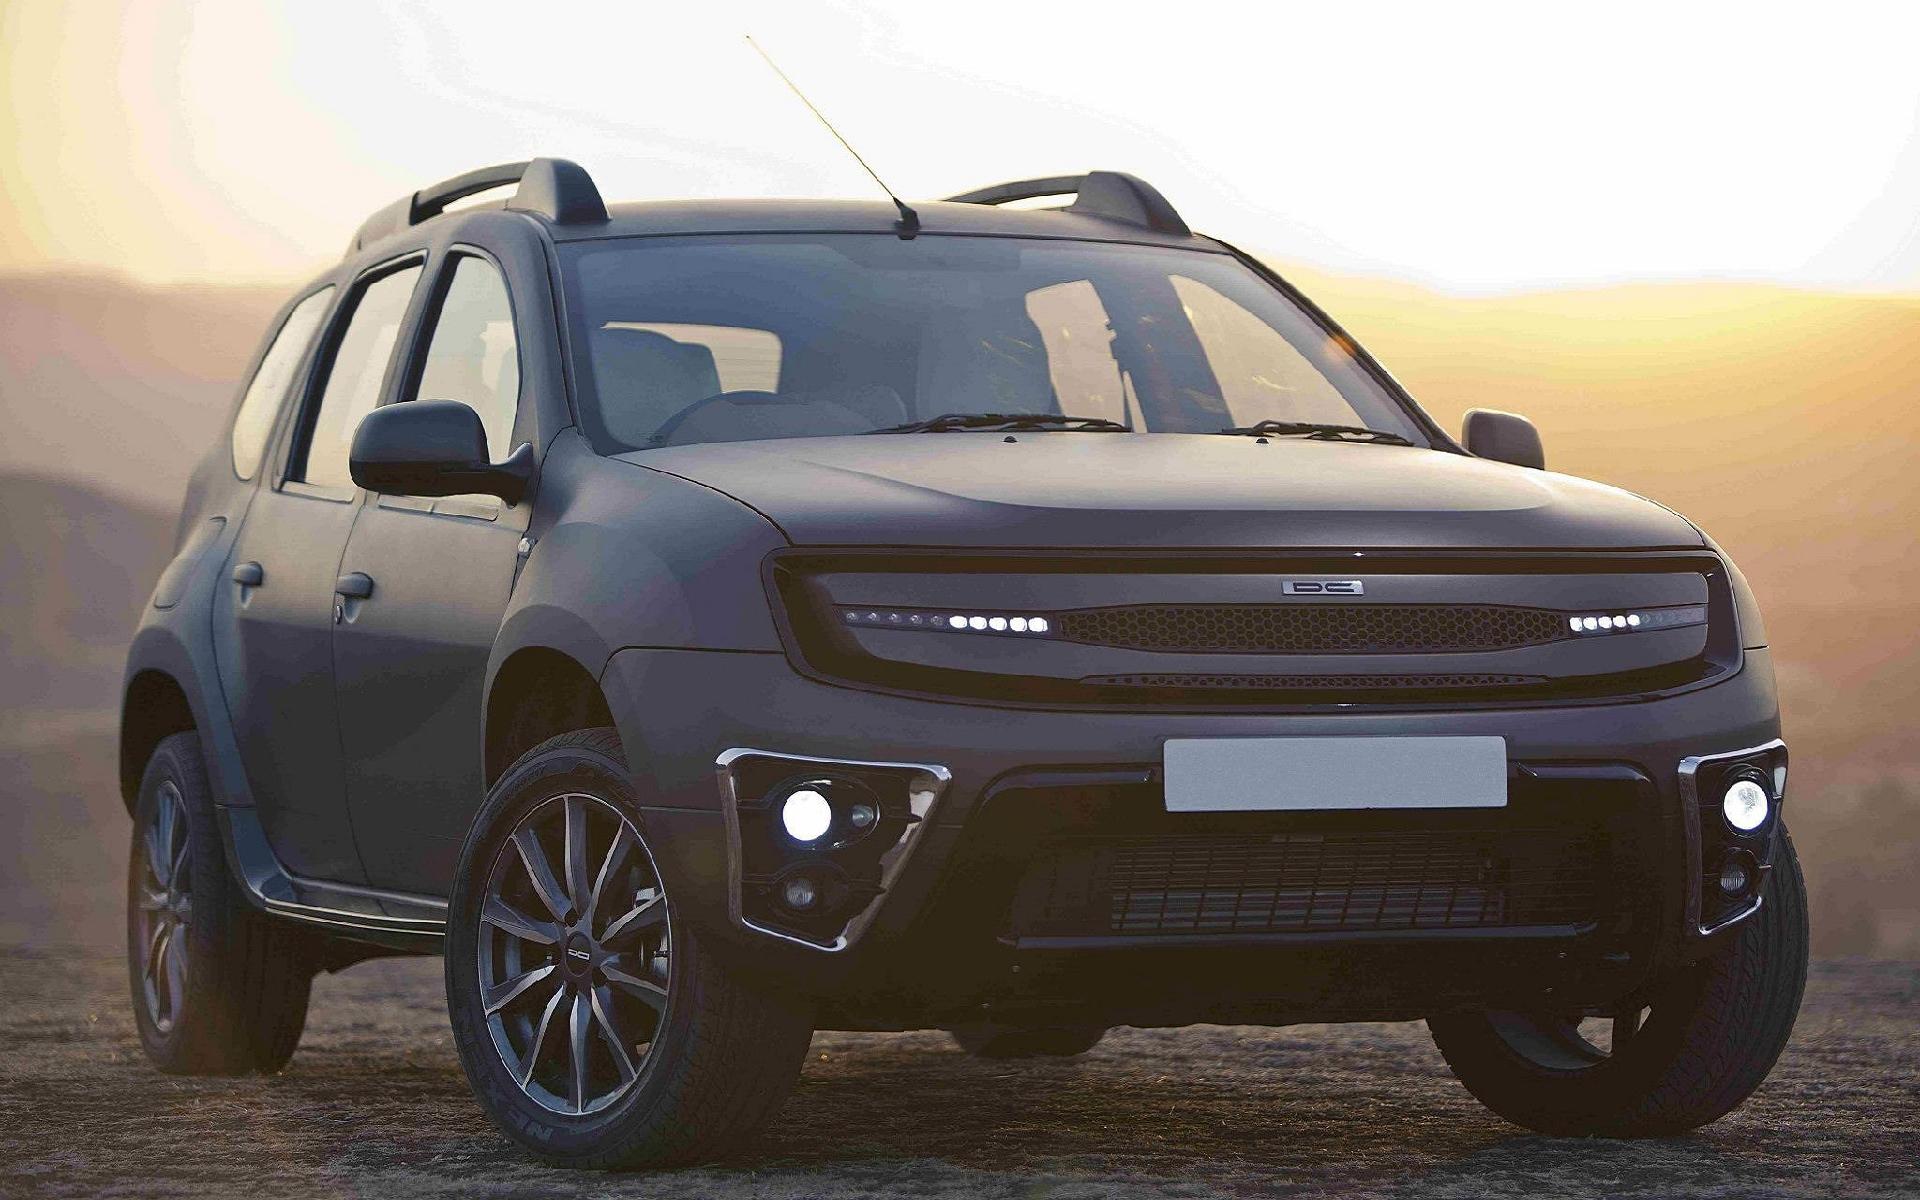 Handy-Wallpaper Transport, Auto, Renault kostenlos herunterladen.